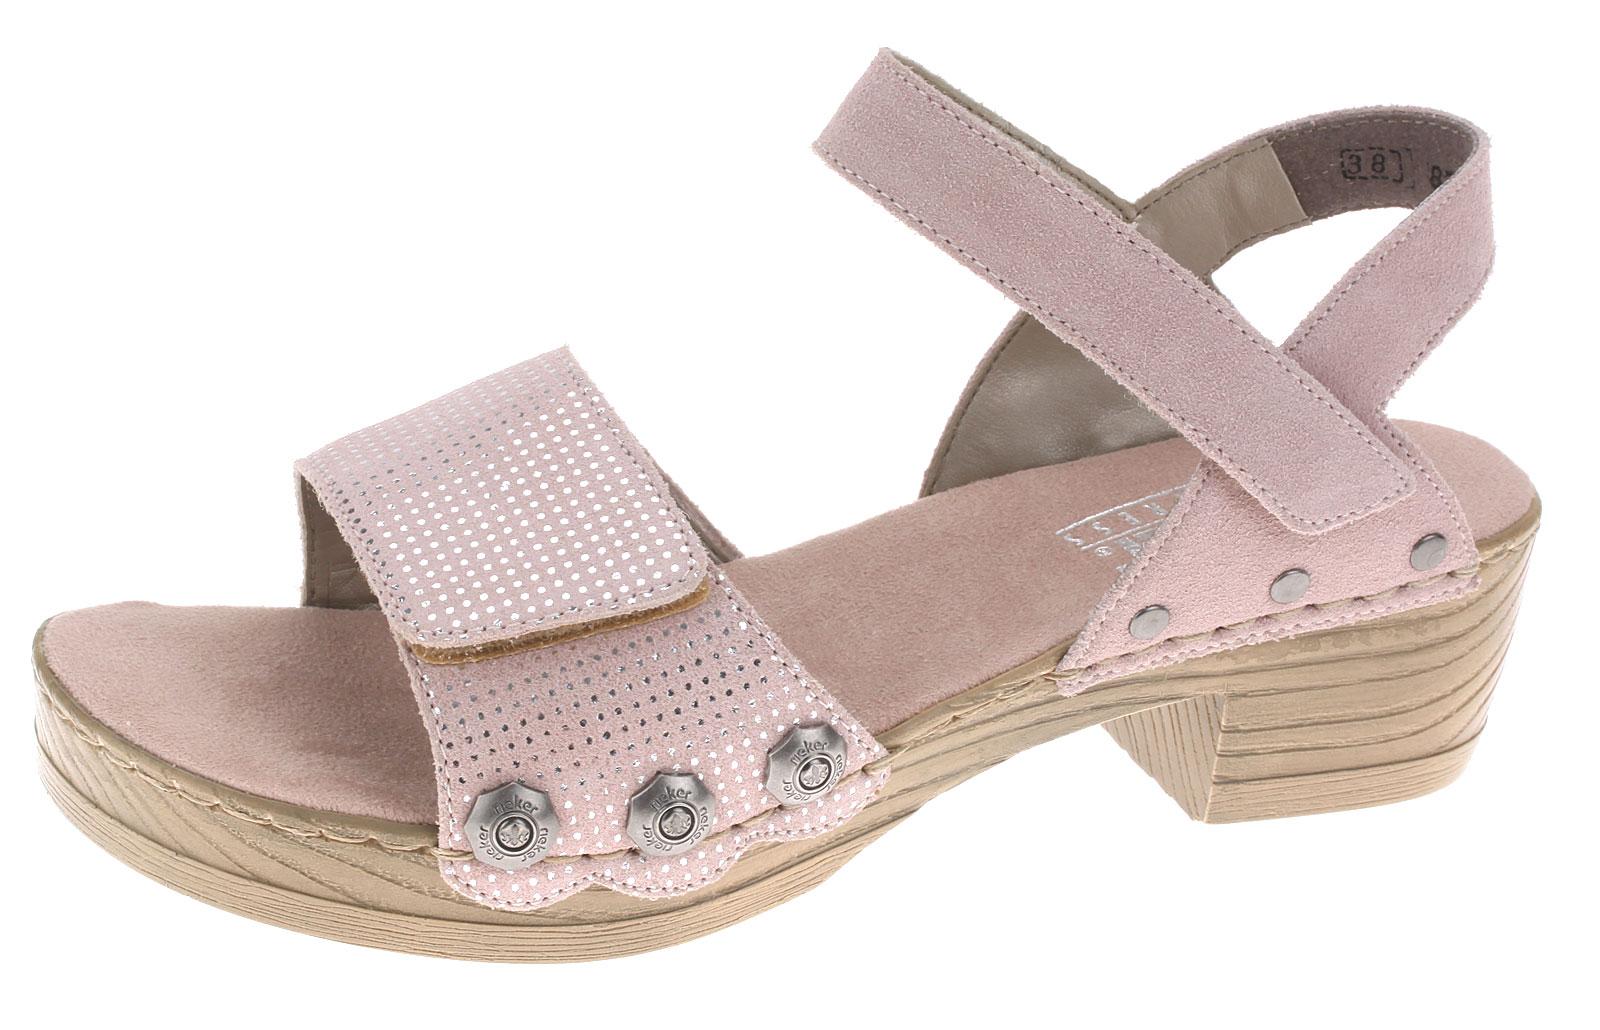 Details zu Rieker Damen Leder Sandalen Sandaletten Damenschuhe Sommerschuhe V6862 31 Rosa